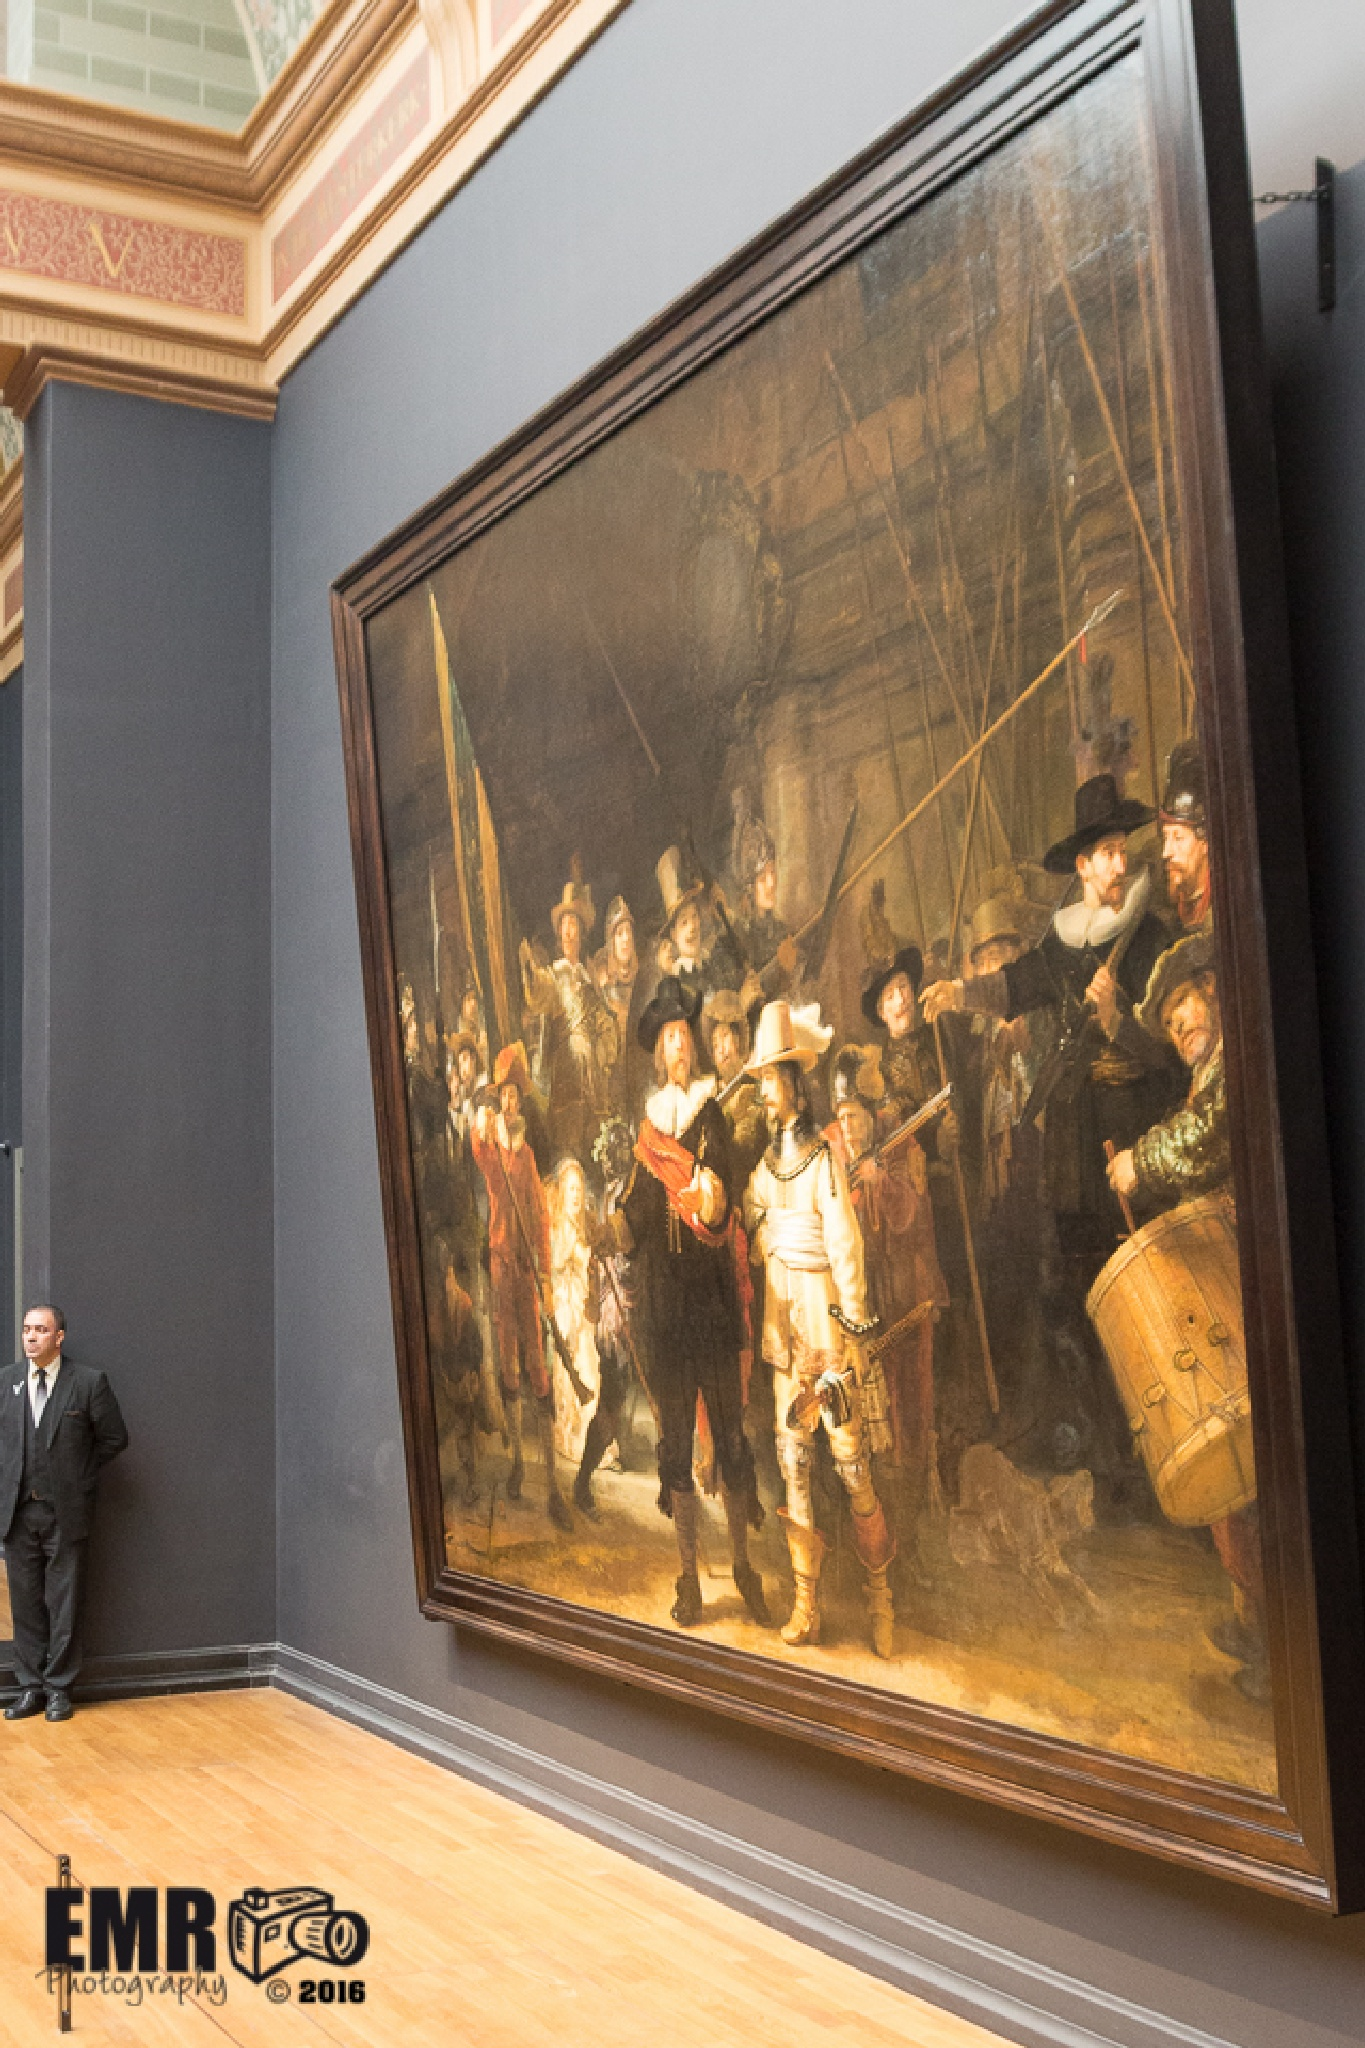 De Nachtwacht - Rembrandt van Rijn (zijkant) by EMR Photography & Fotomodel Marijn